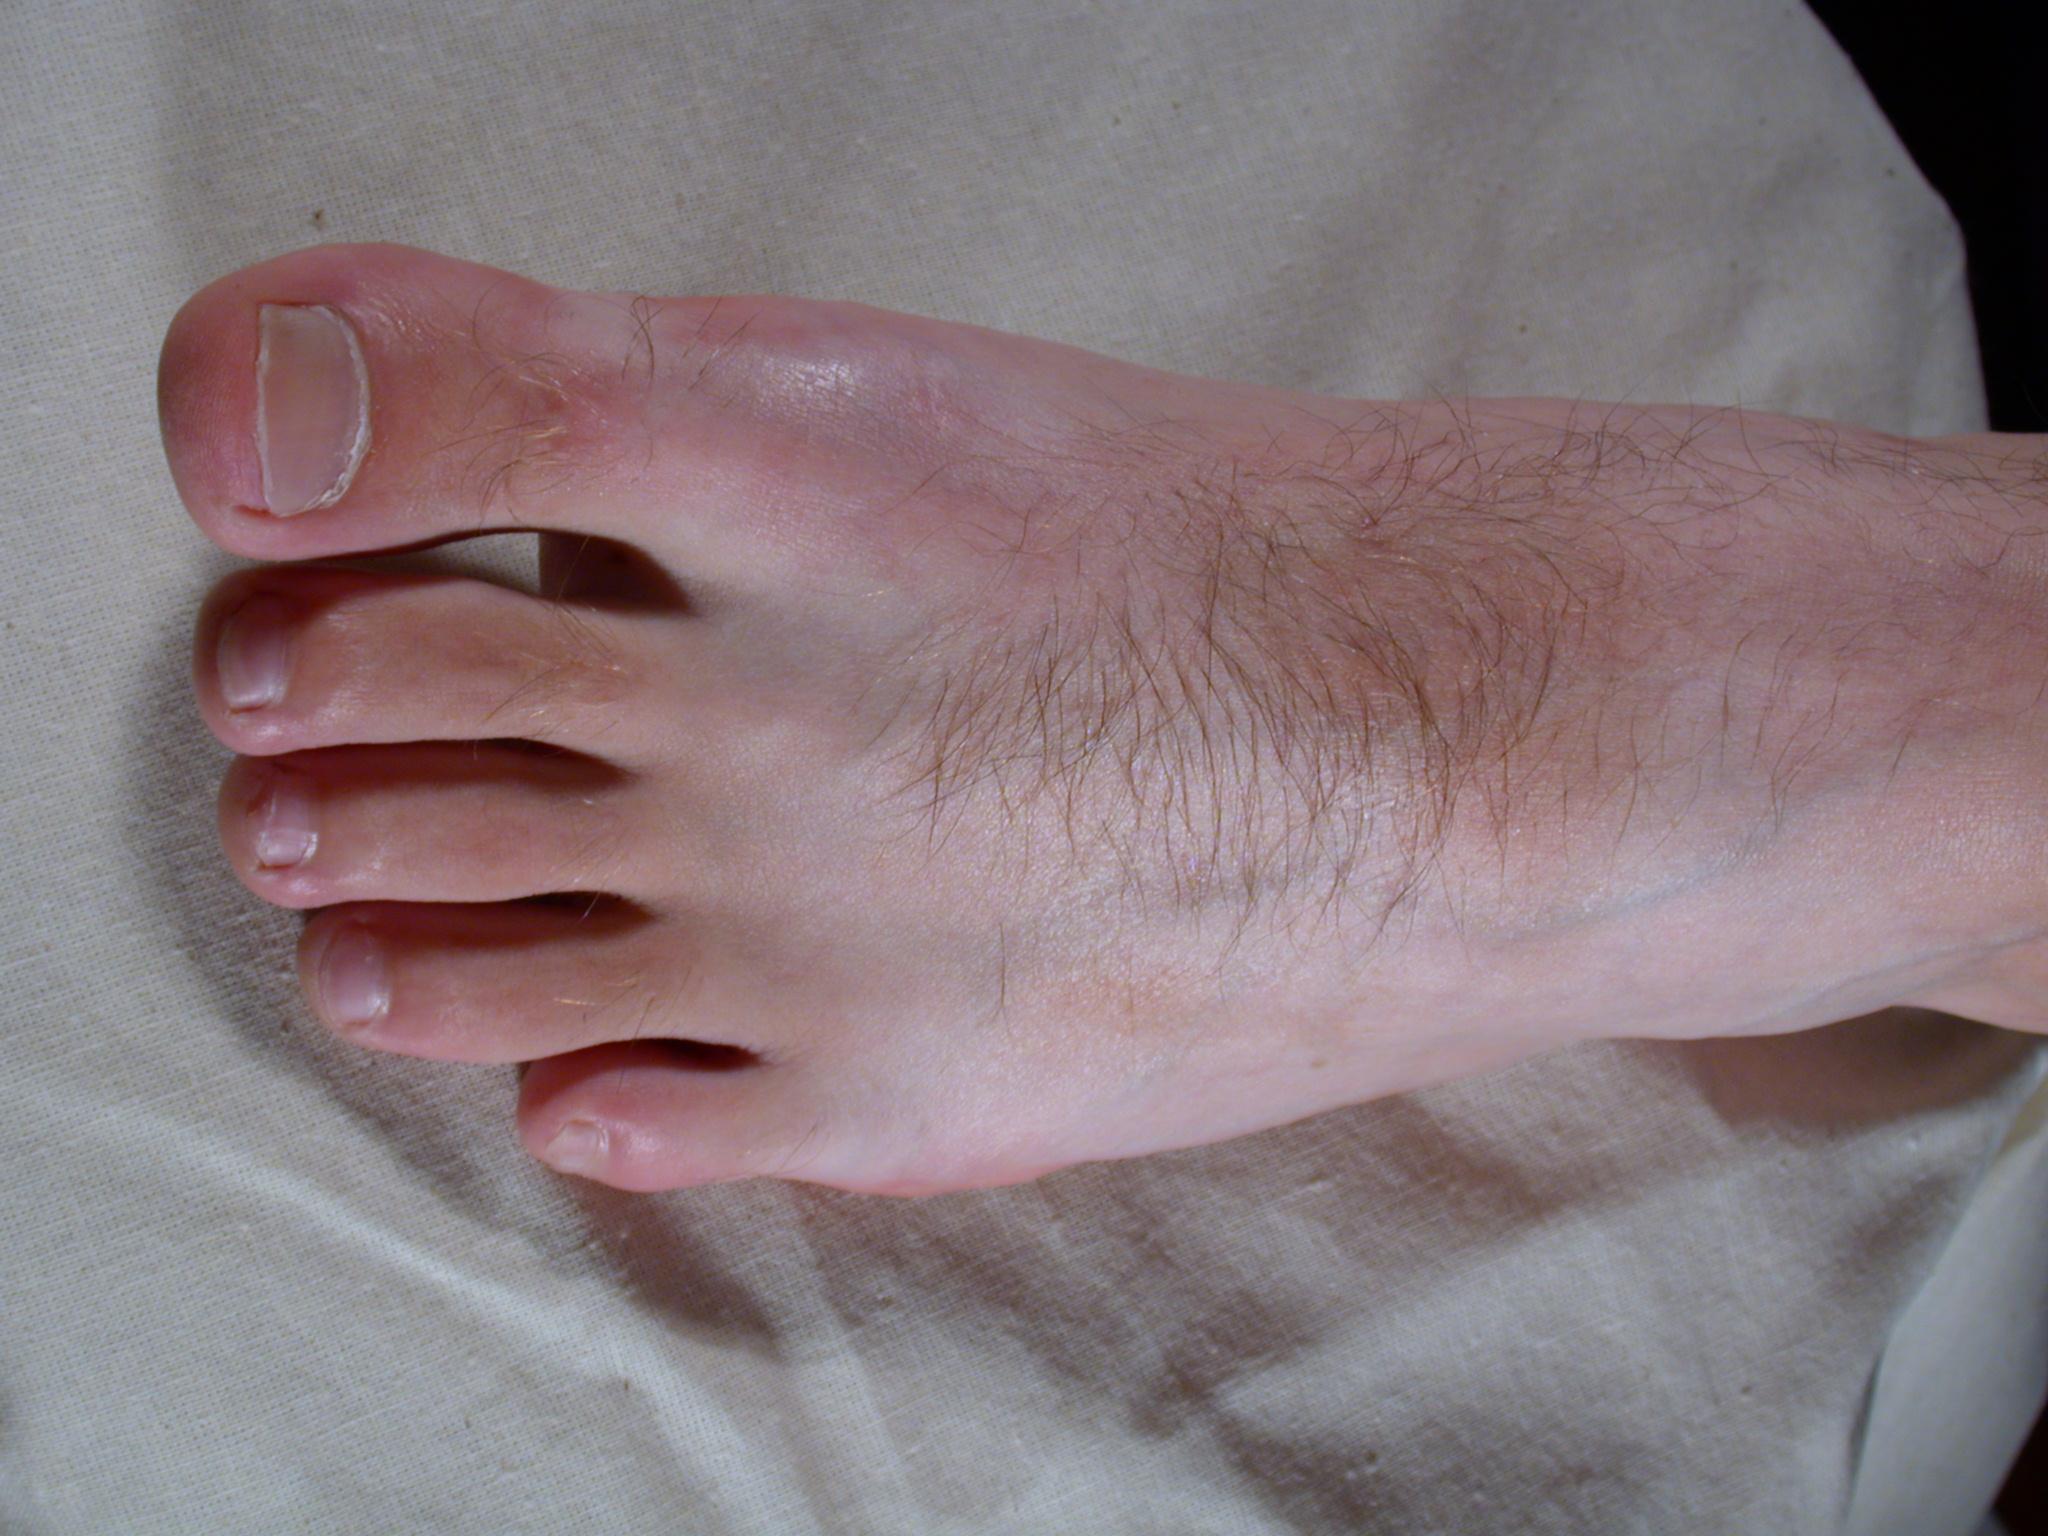 Skin Cirrhosis